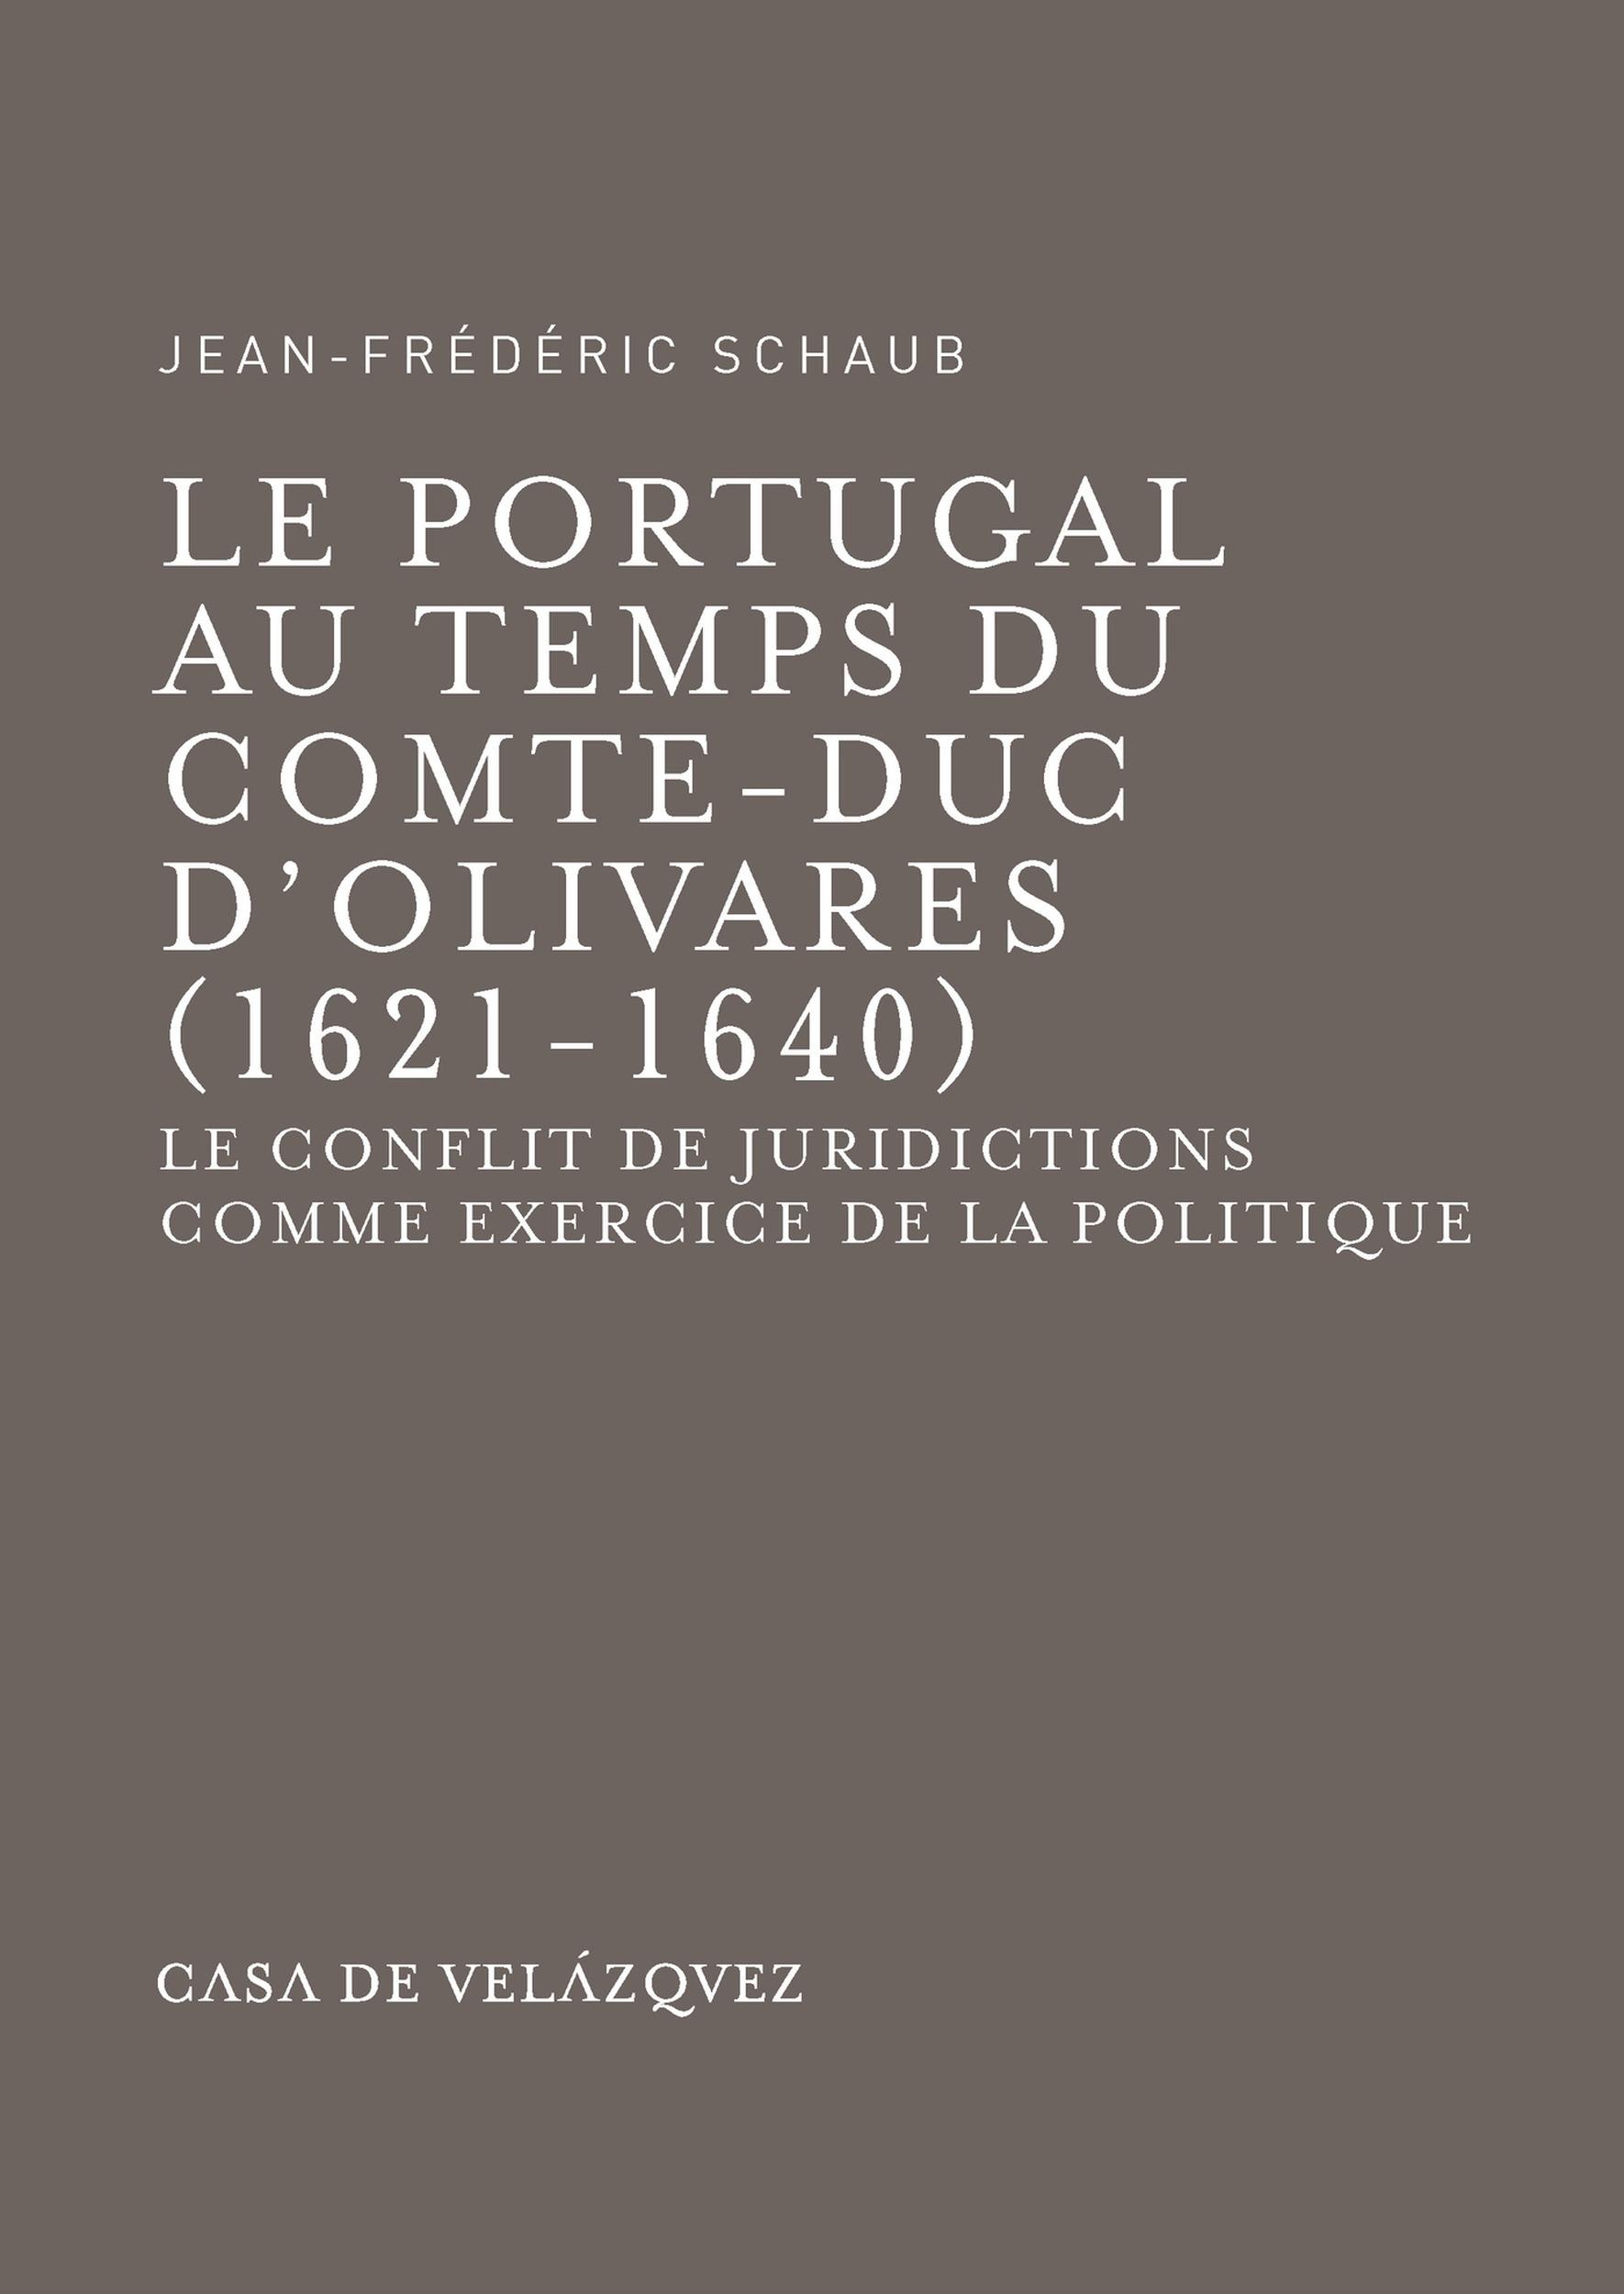 Le portugal au temps du comte-duc d olivares 1621-1640). le conflit de juridictions comme xercice de